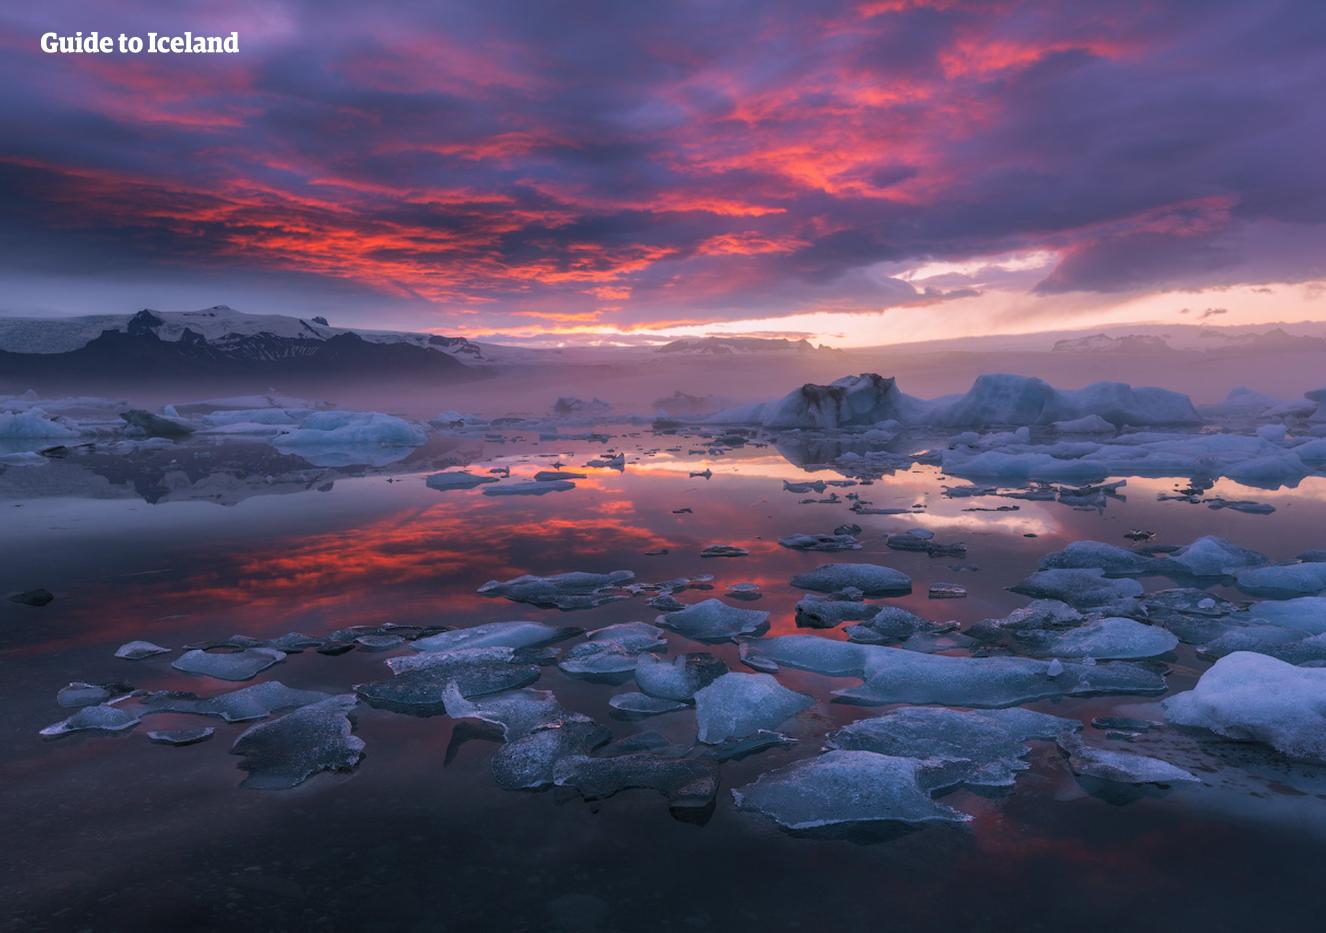 Circuit été de 12 jours | Voyage autour de l'Islande - day 4